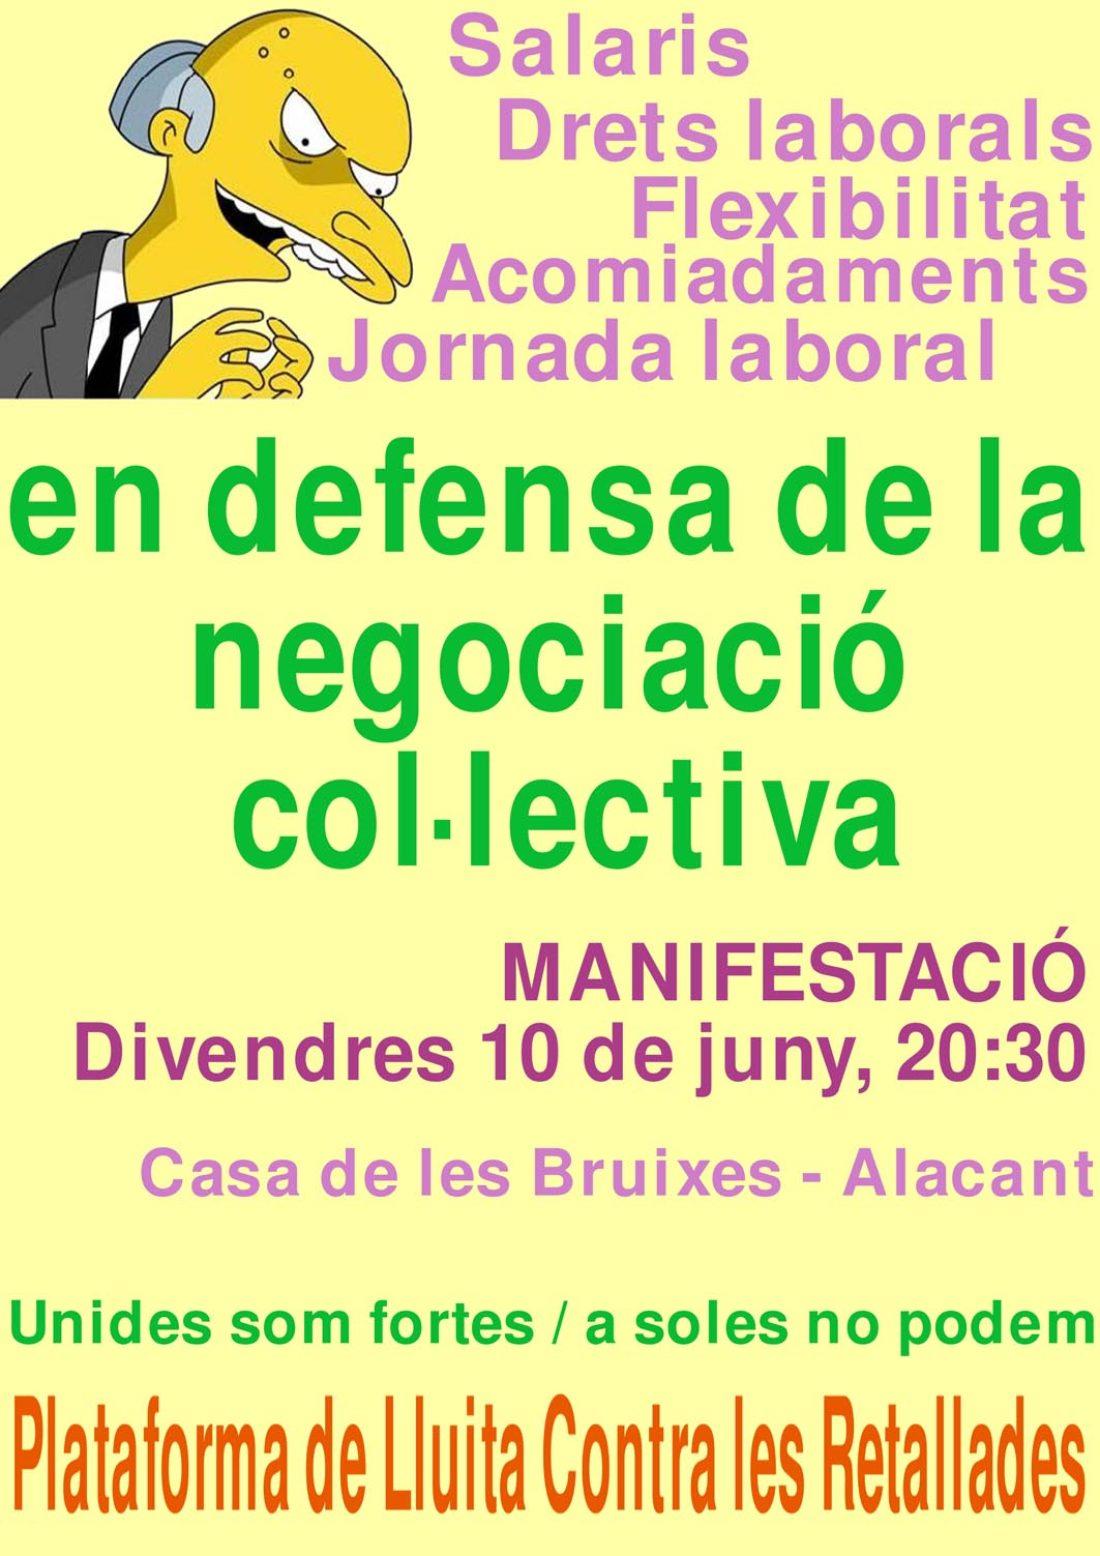 Alacant, 10 de Junio: Manifestación en defensa de la Negociación Colectiva